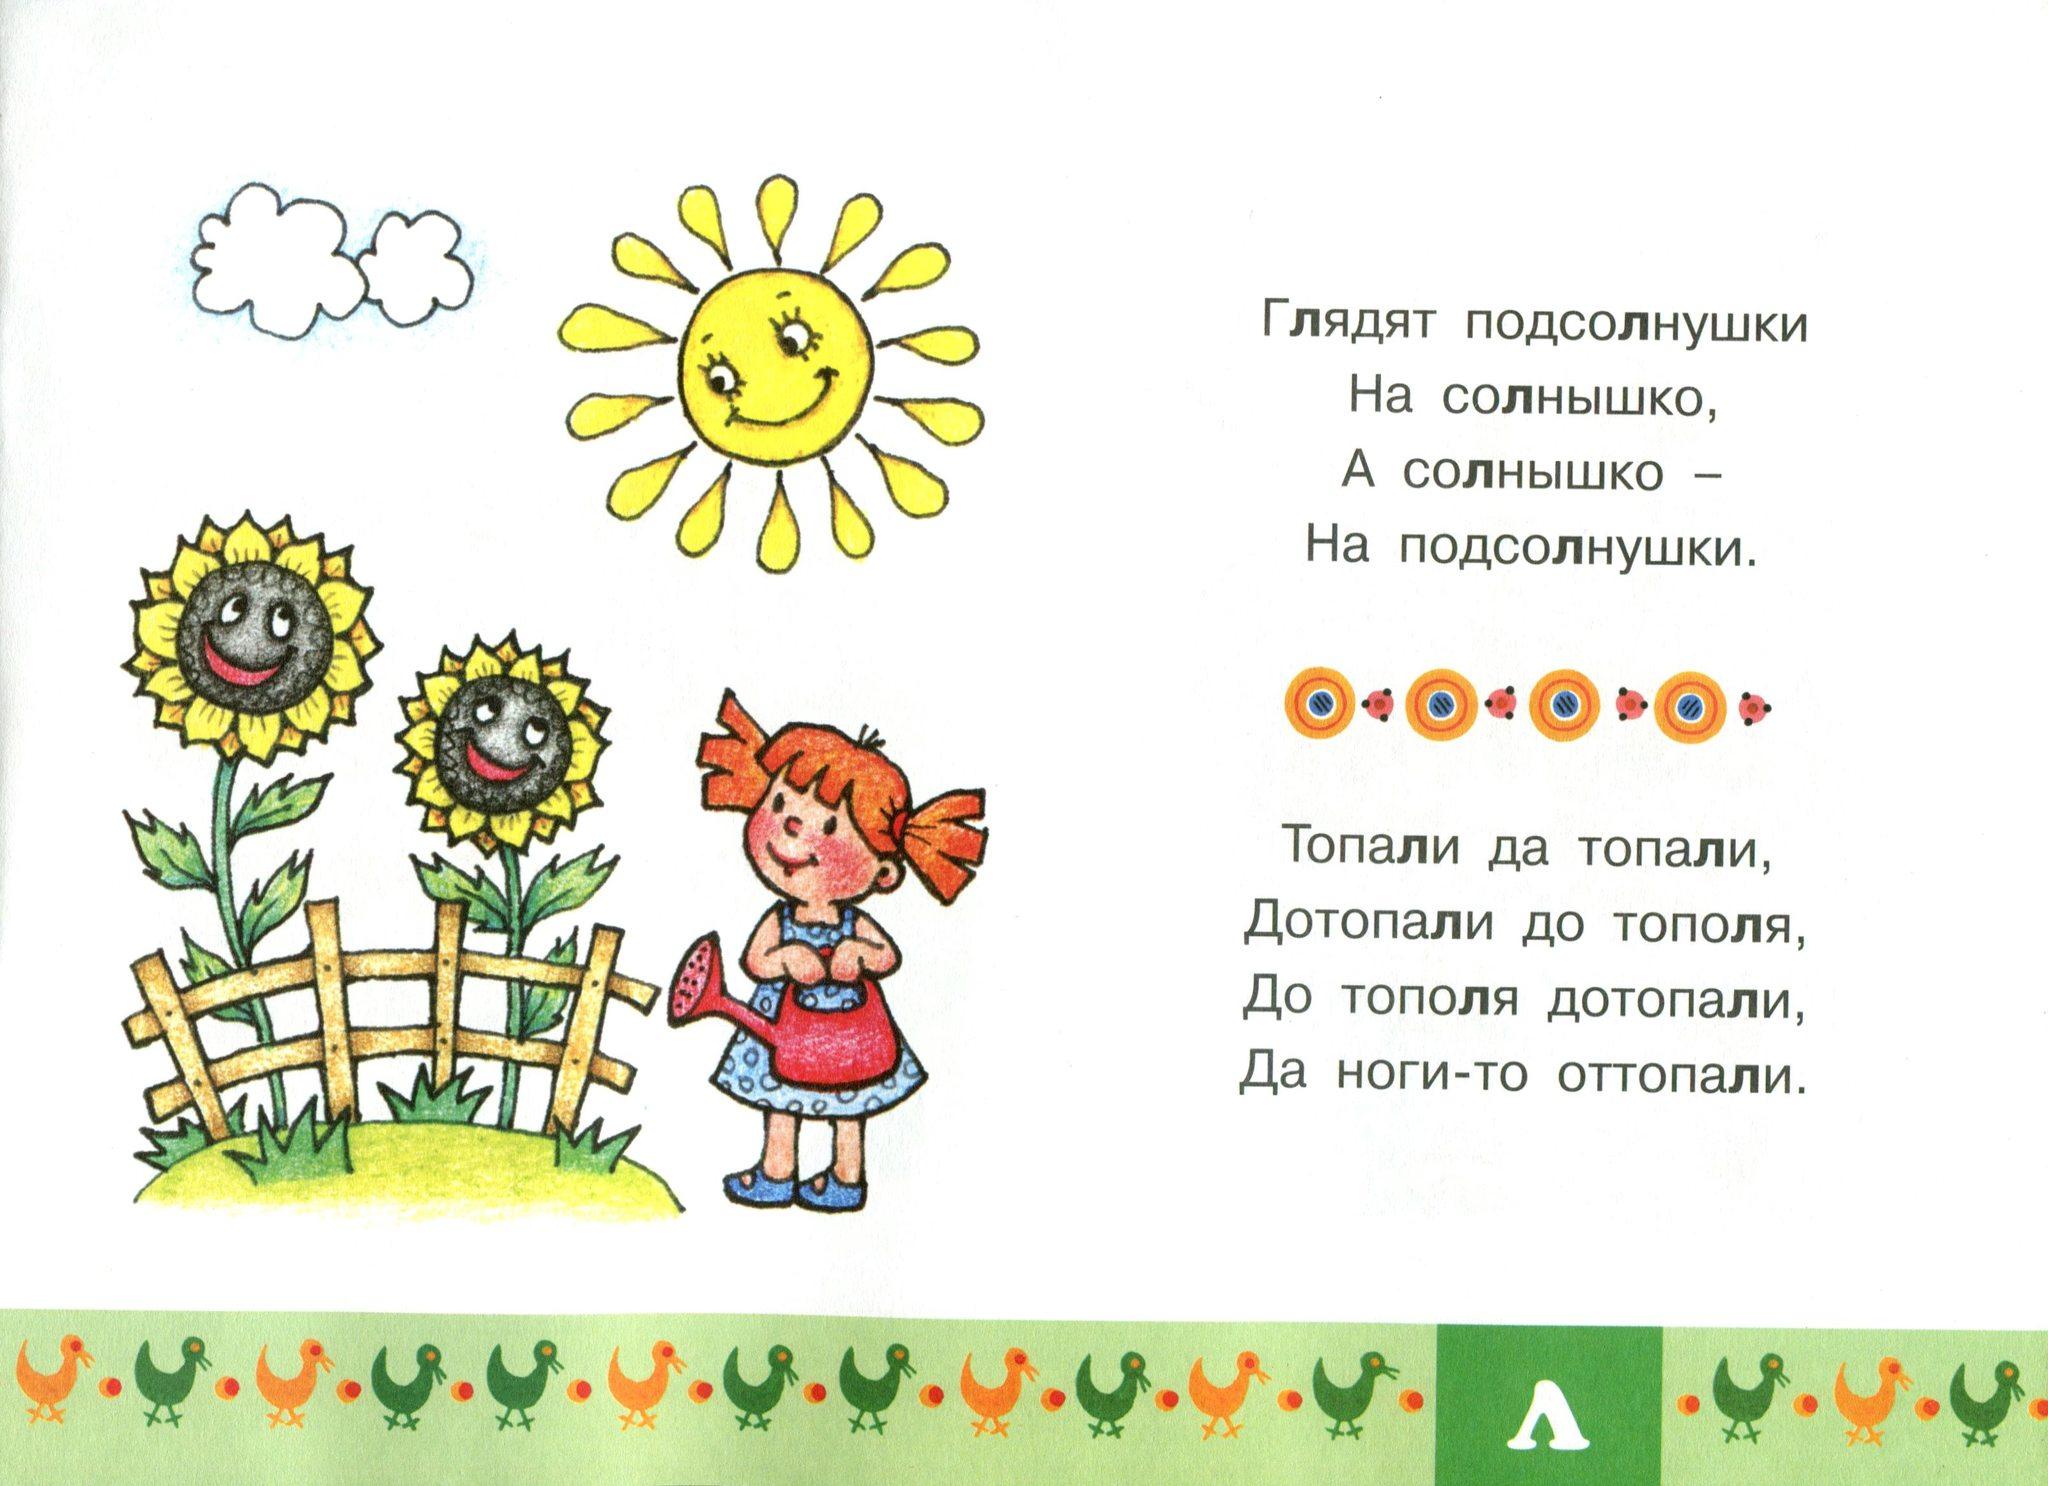 Подчиненные смешные, веселые скороговорки в картинках для детей своими руками